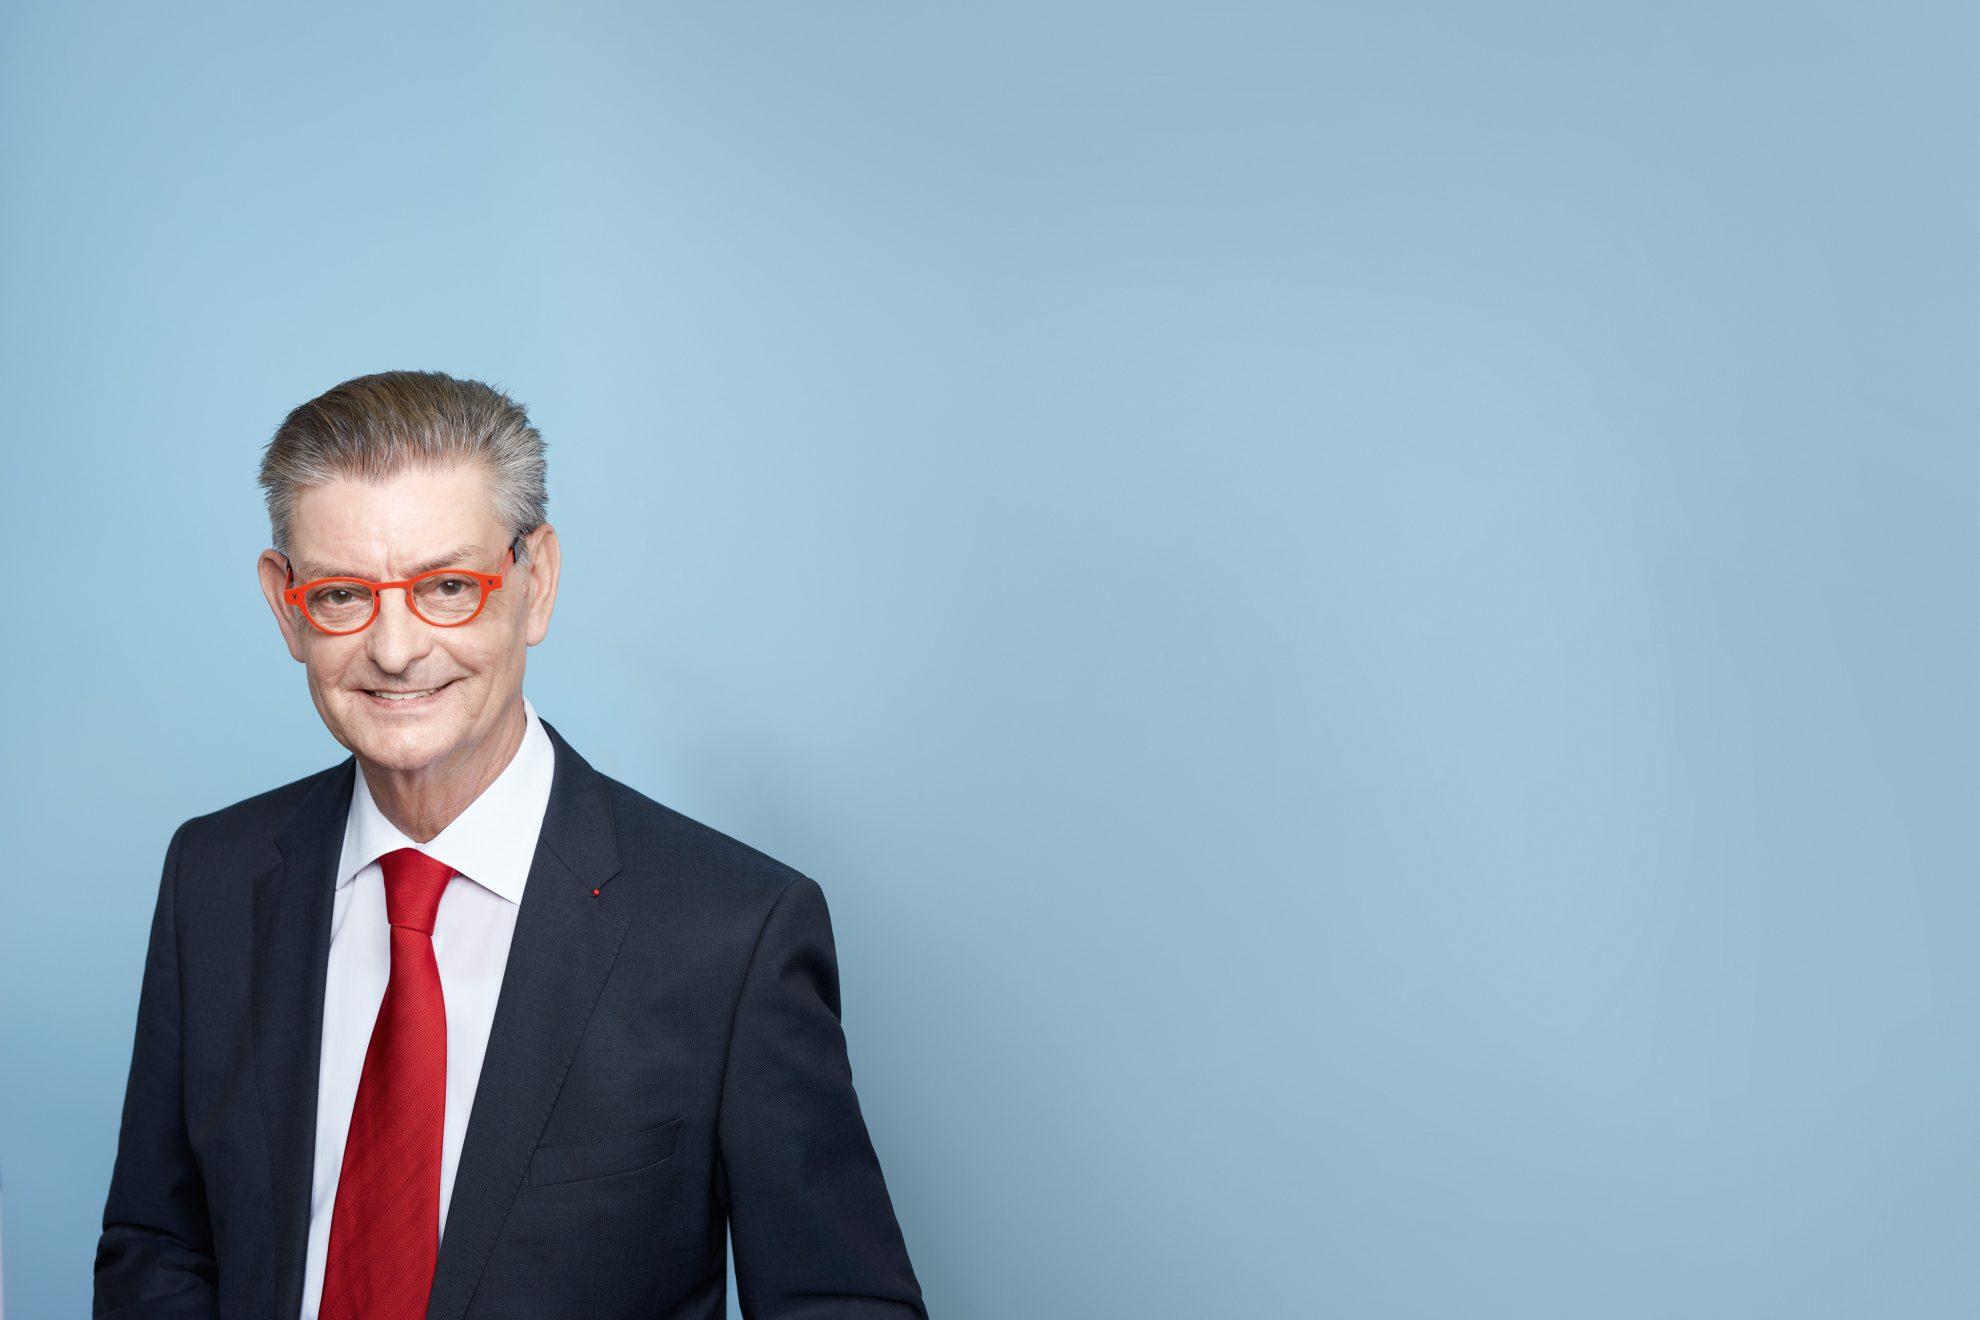 Porträtfoto von Norbert Römer, SPD NRW